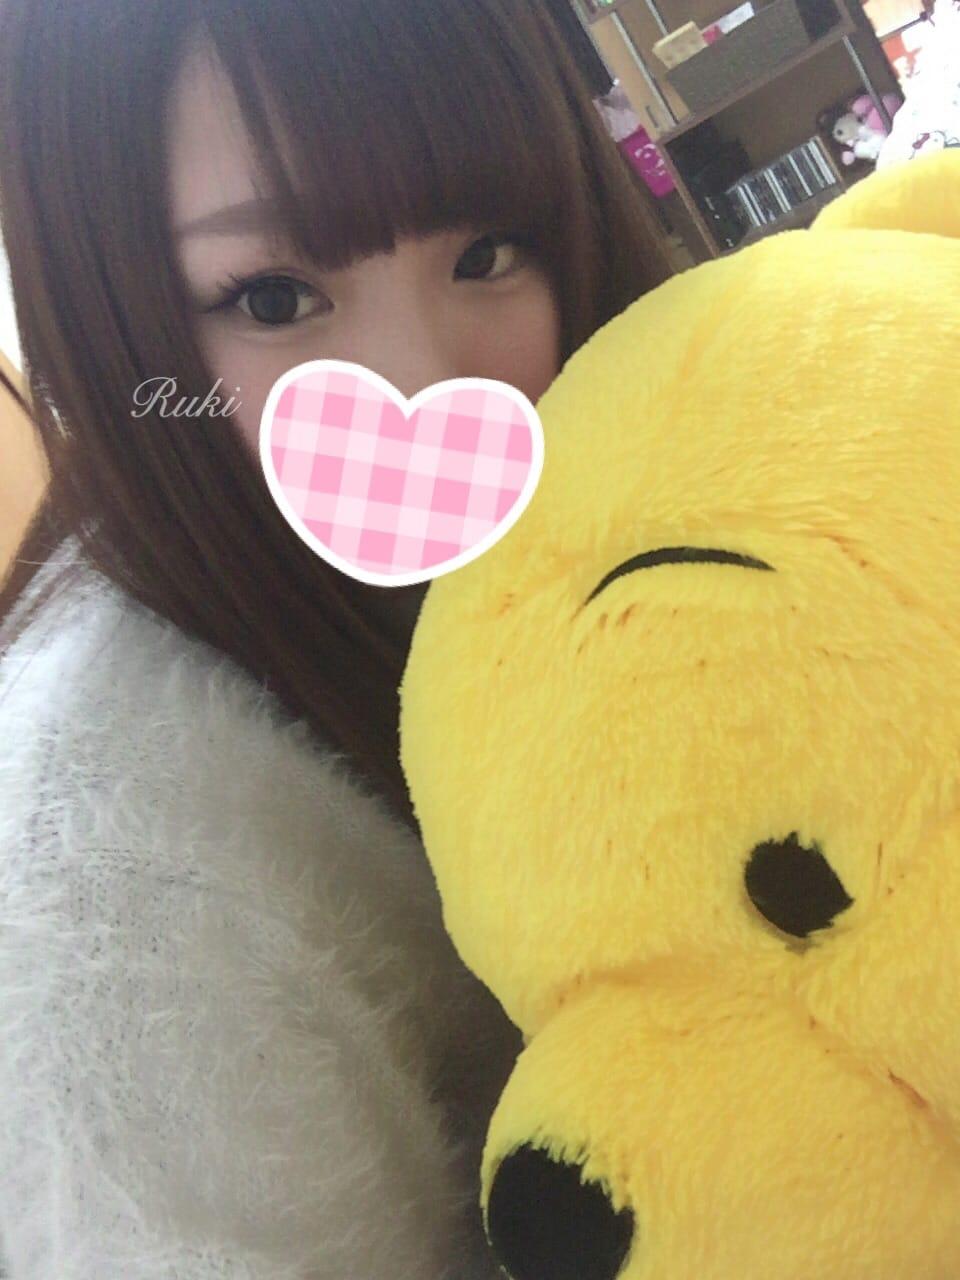 るき 癒し系HカップGIRL「> お礼♡」09/22(金) 22:30 | るき 癒し系HカップGIRLの写メ・風俗動画